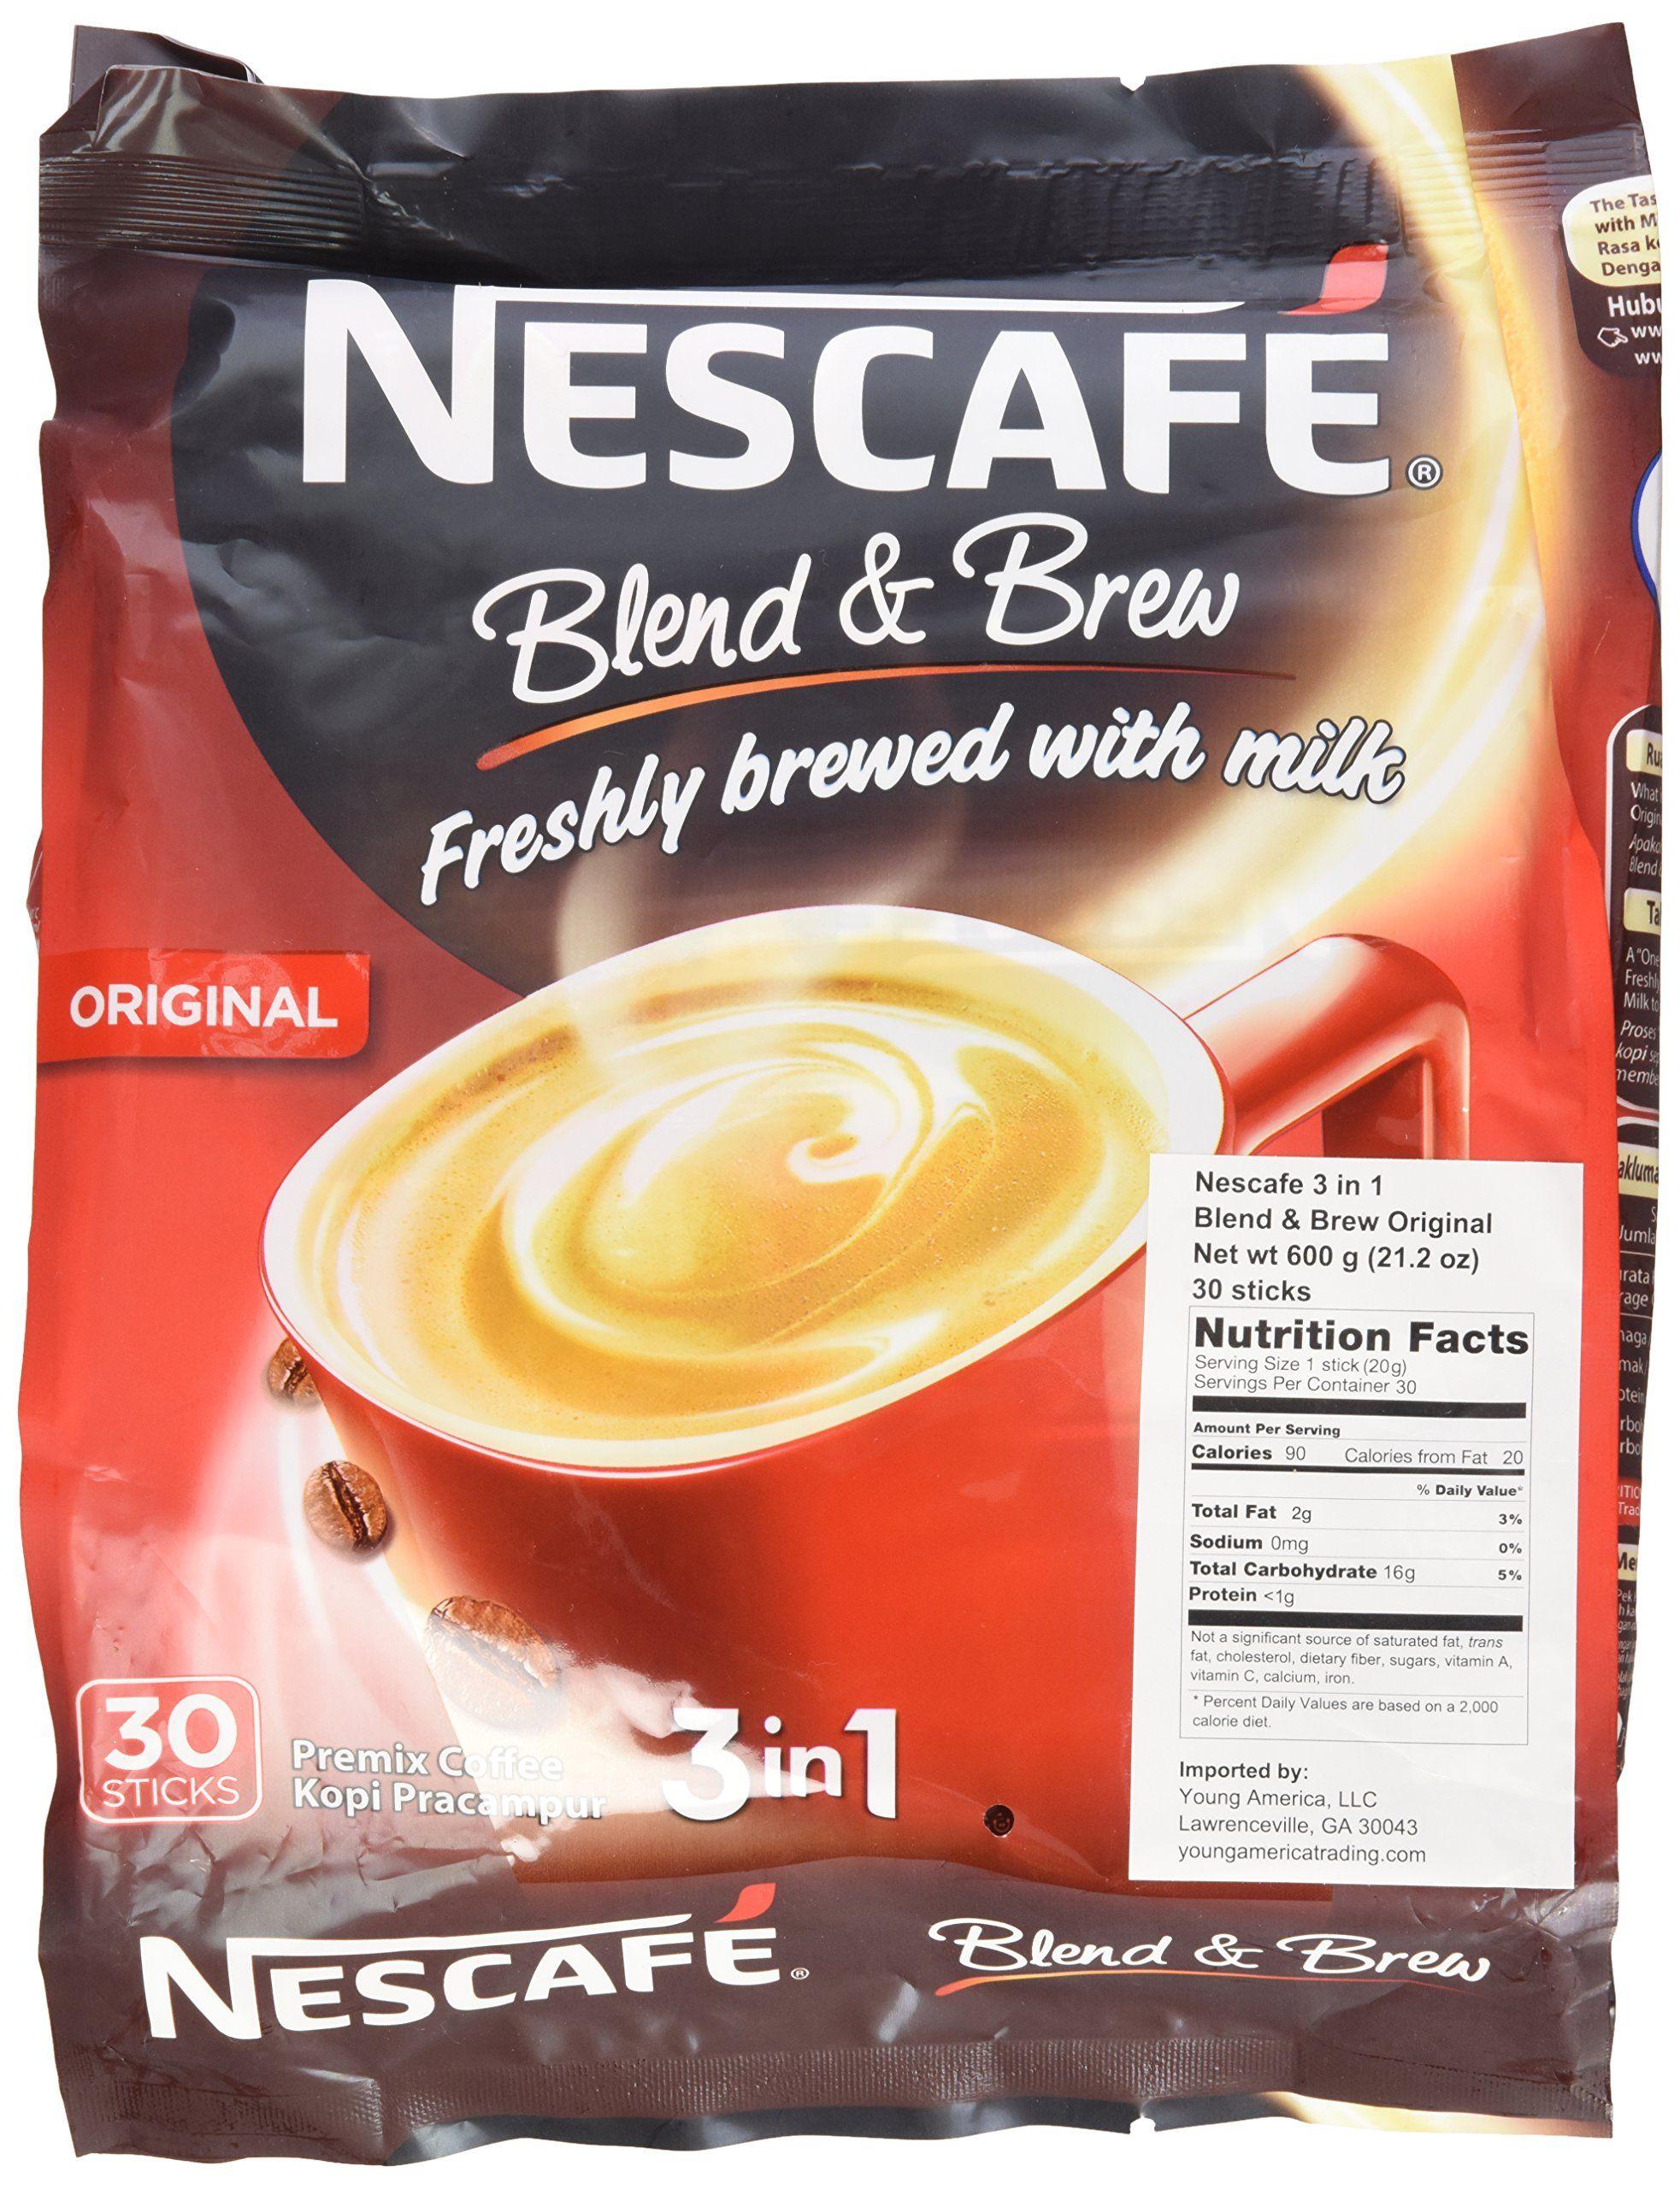 2 PACK Nescafe Blend and Brew 3 in 1 Original 56 Sticks